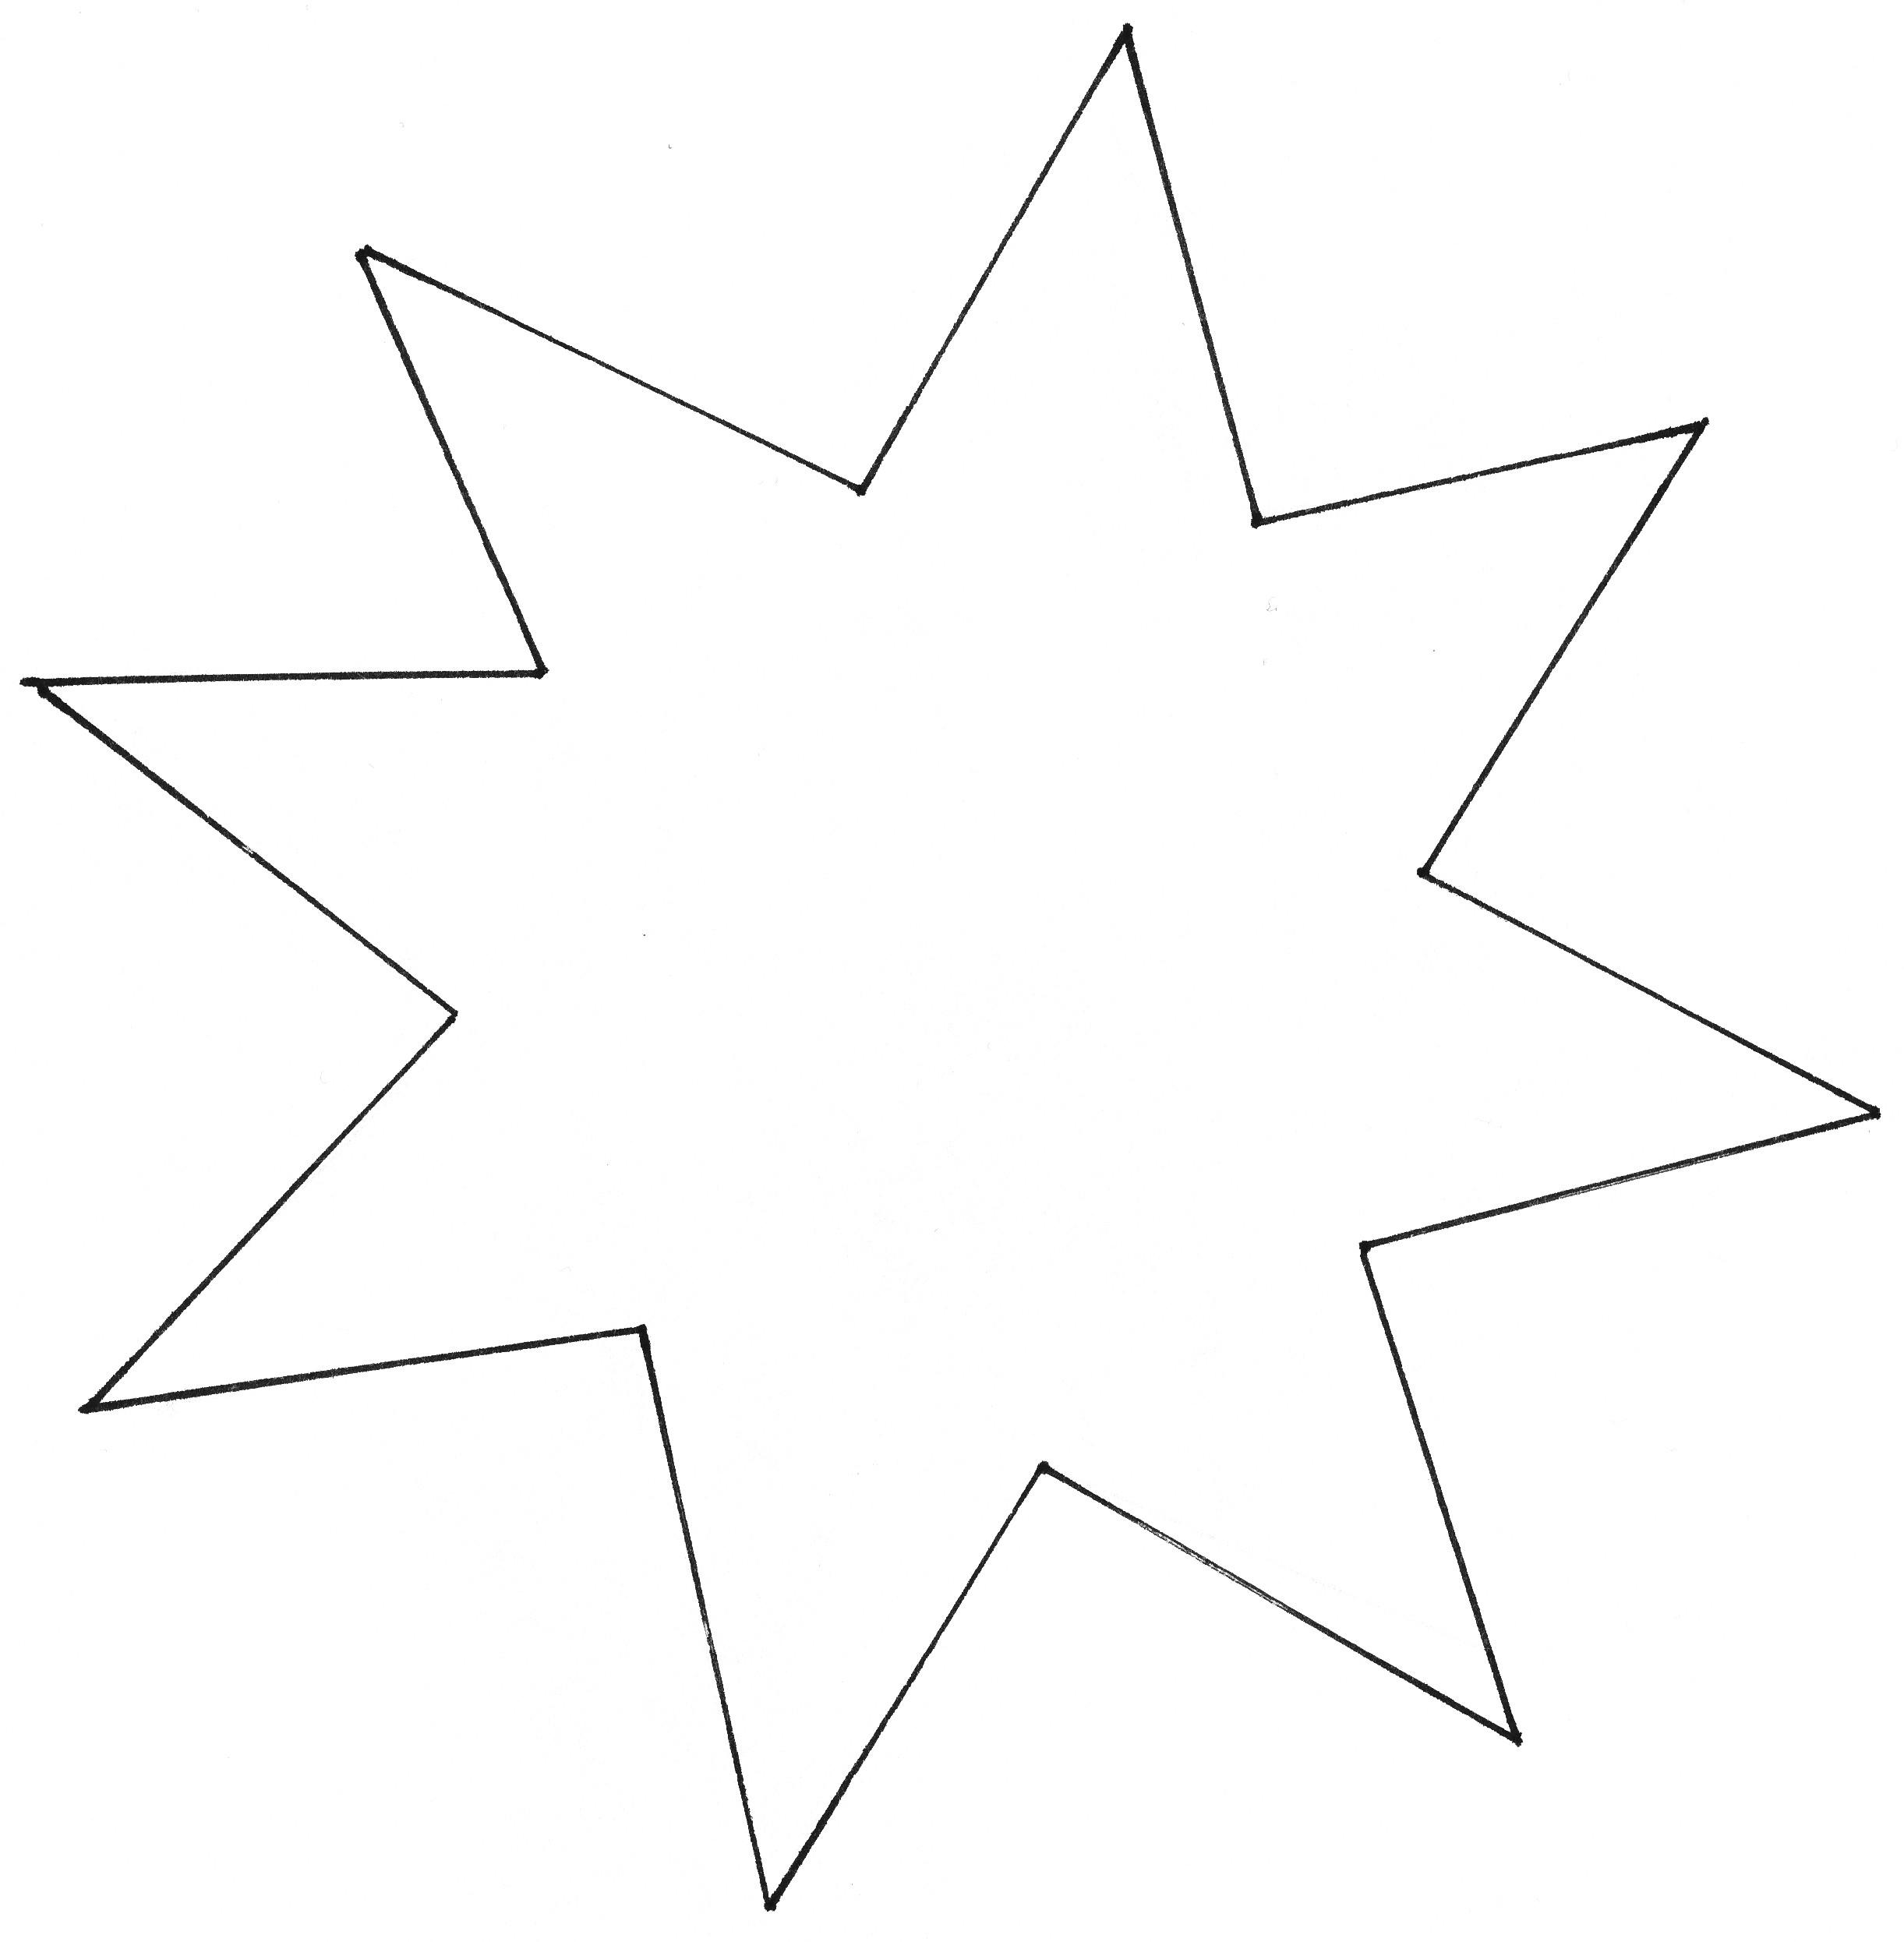 Malvorlagen Stern  Ausmalbilder stern kostenlos Malvorlagen zum ausdrucken